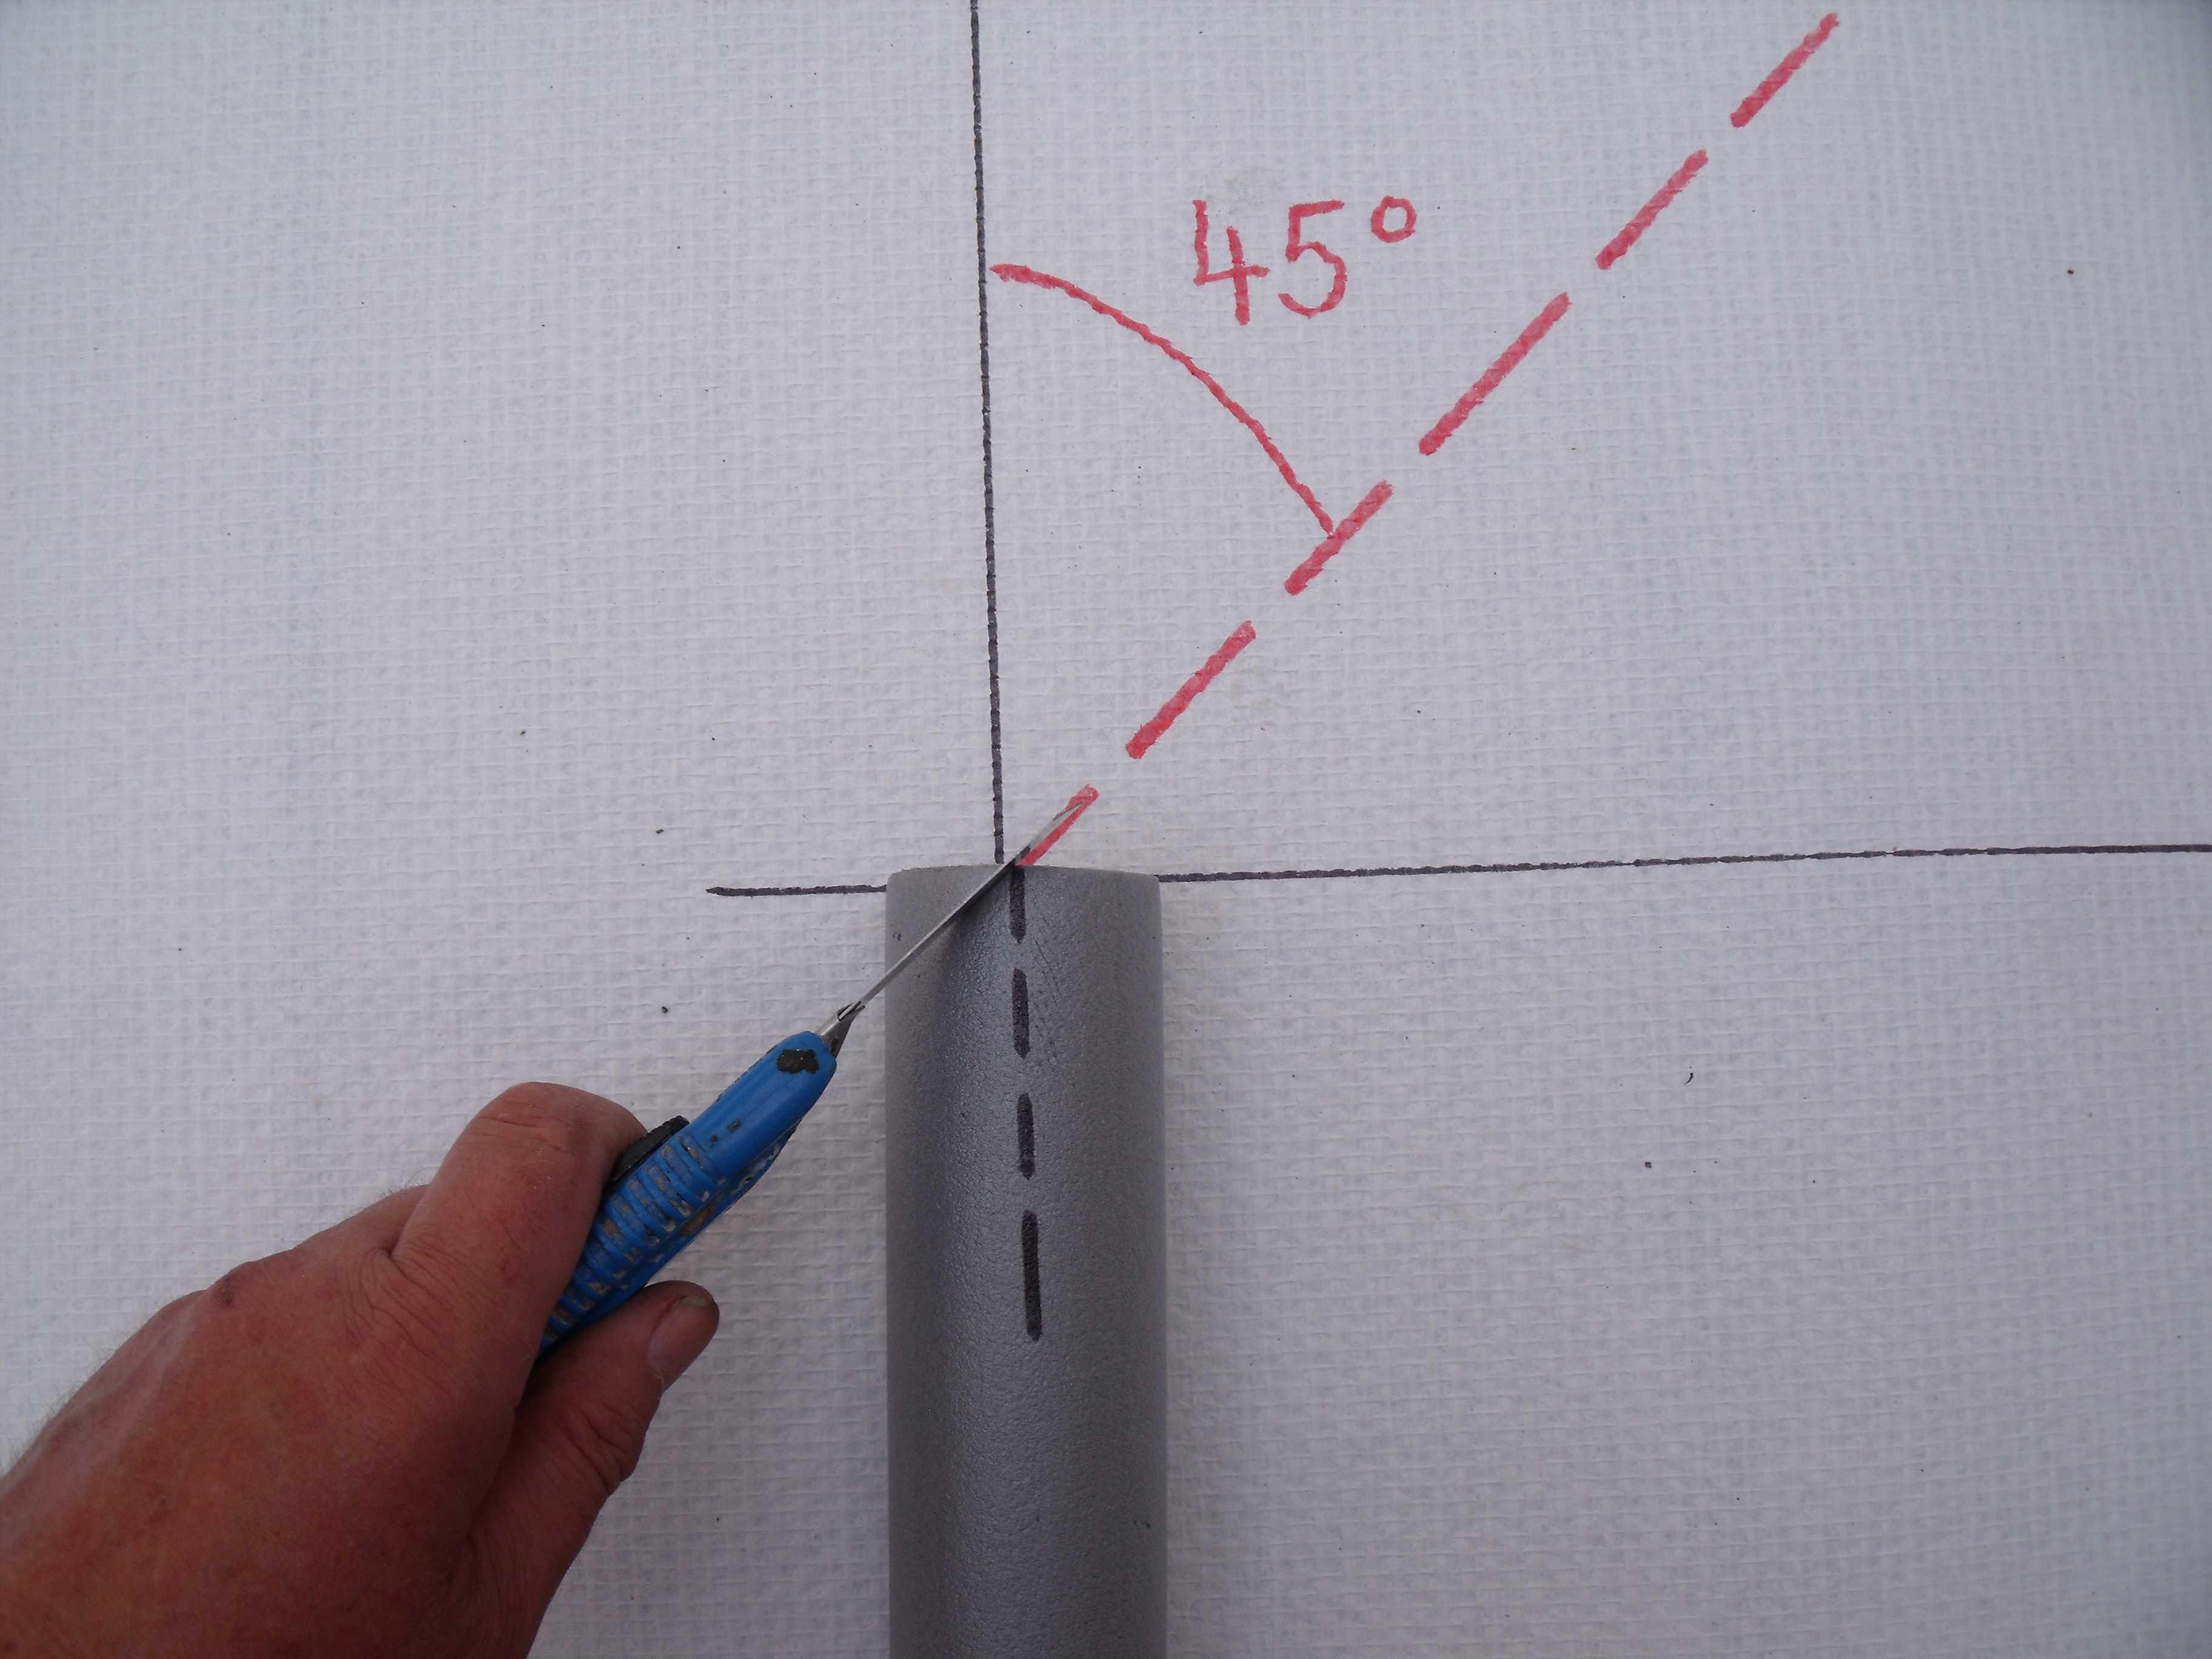 heizungsrohre isolieren - ganz einfach?! - bauen.de